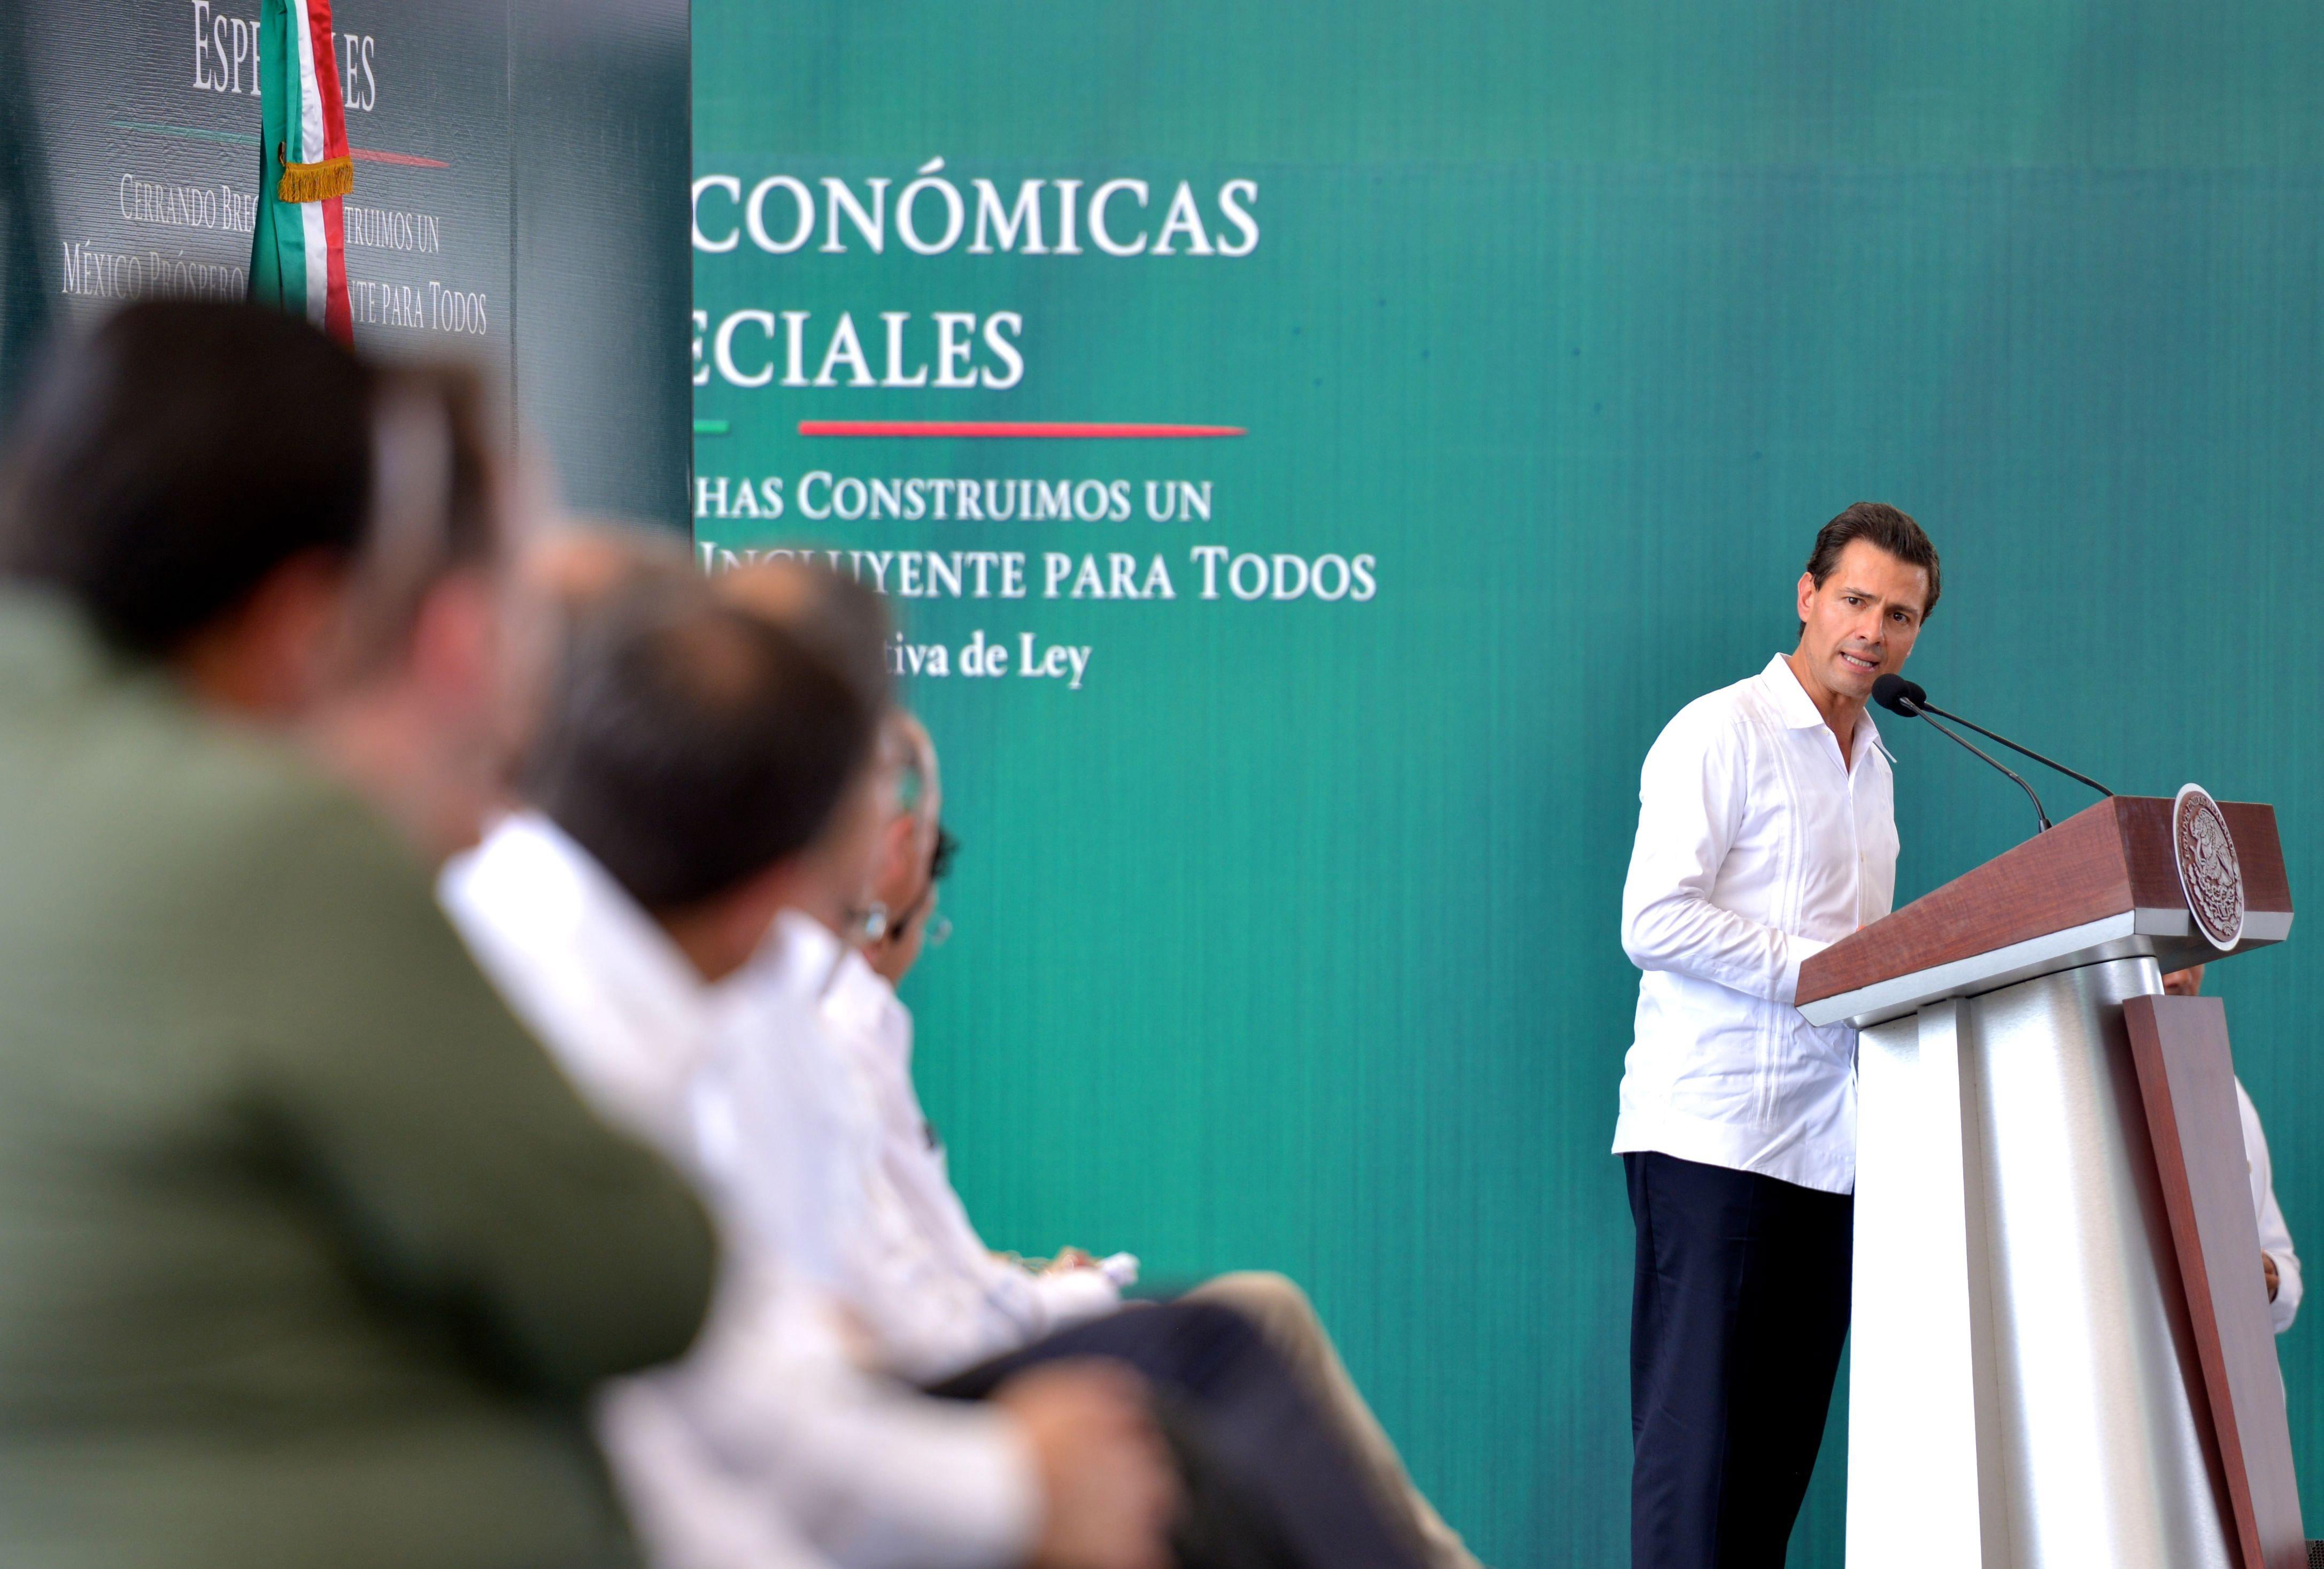 Trabajemos para aprovechar el potencial de las zonas económicas y, con ellas, escribamos una historia de éxito y transformación para el sur de México.